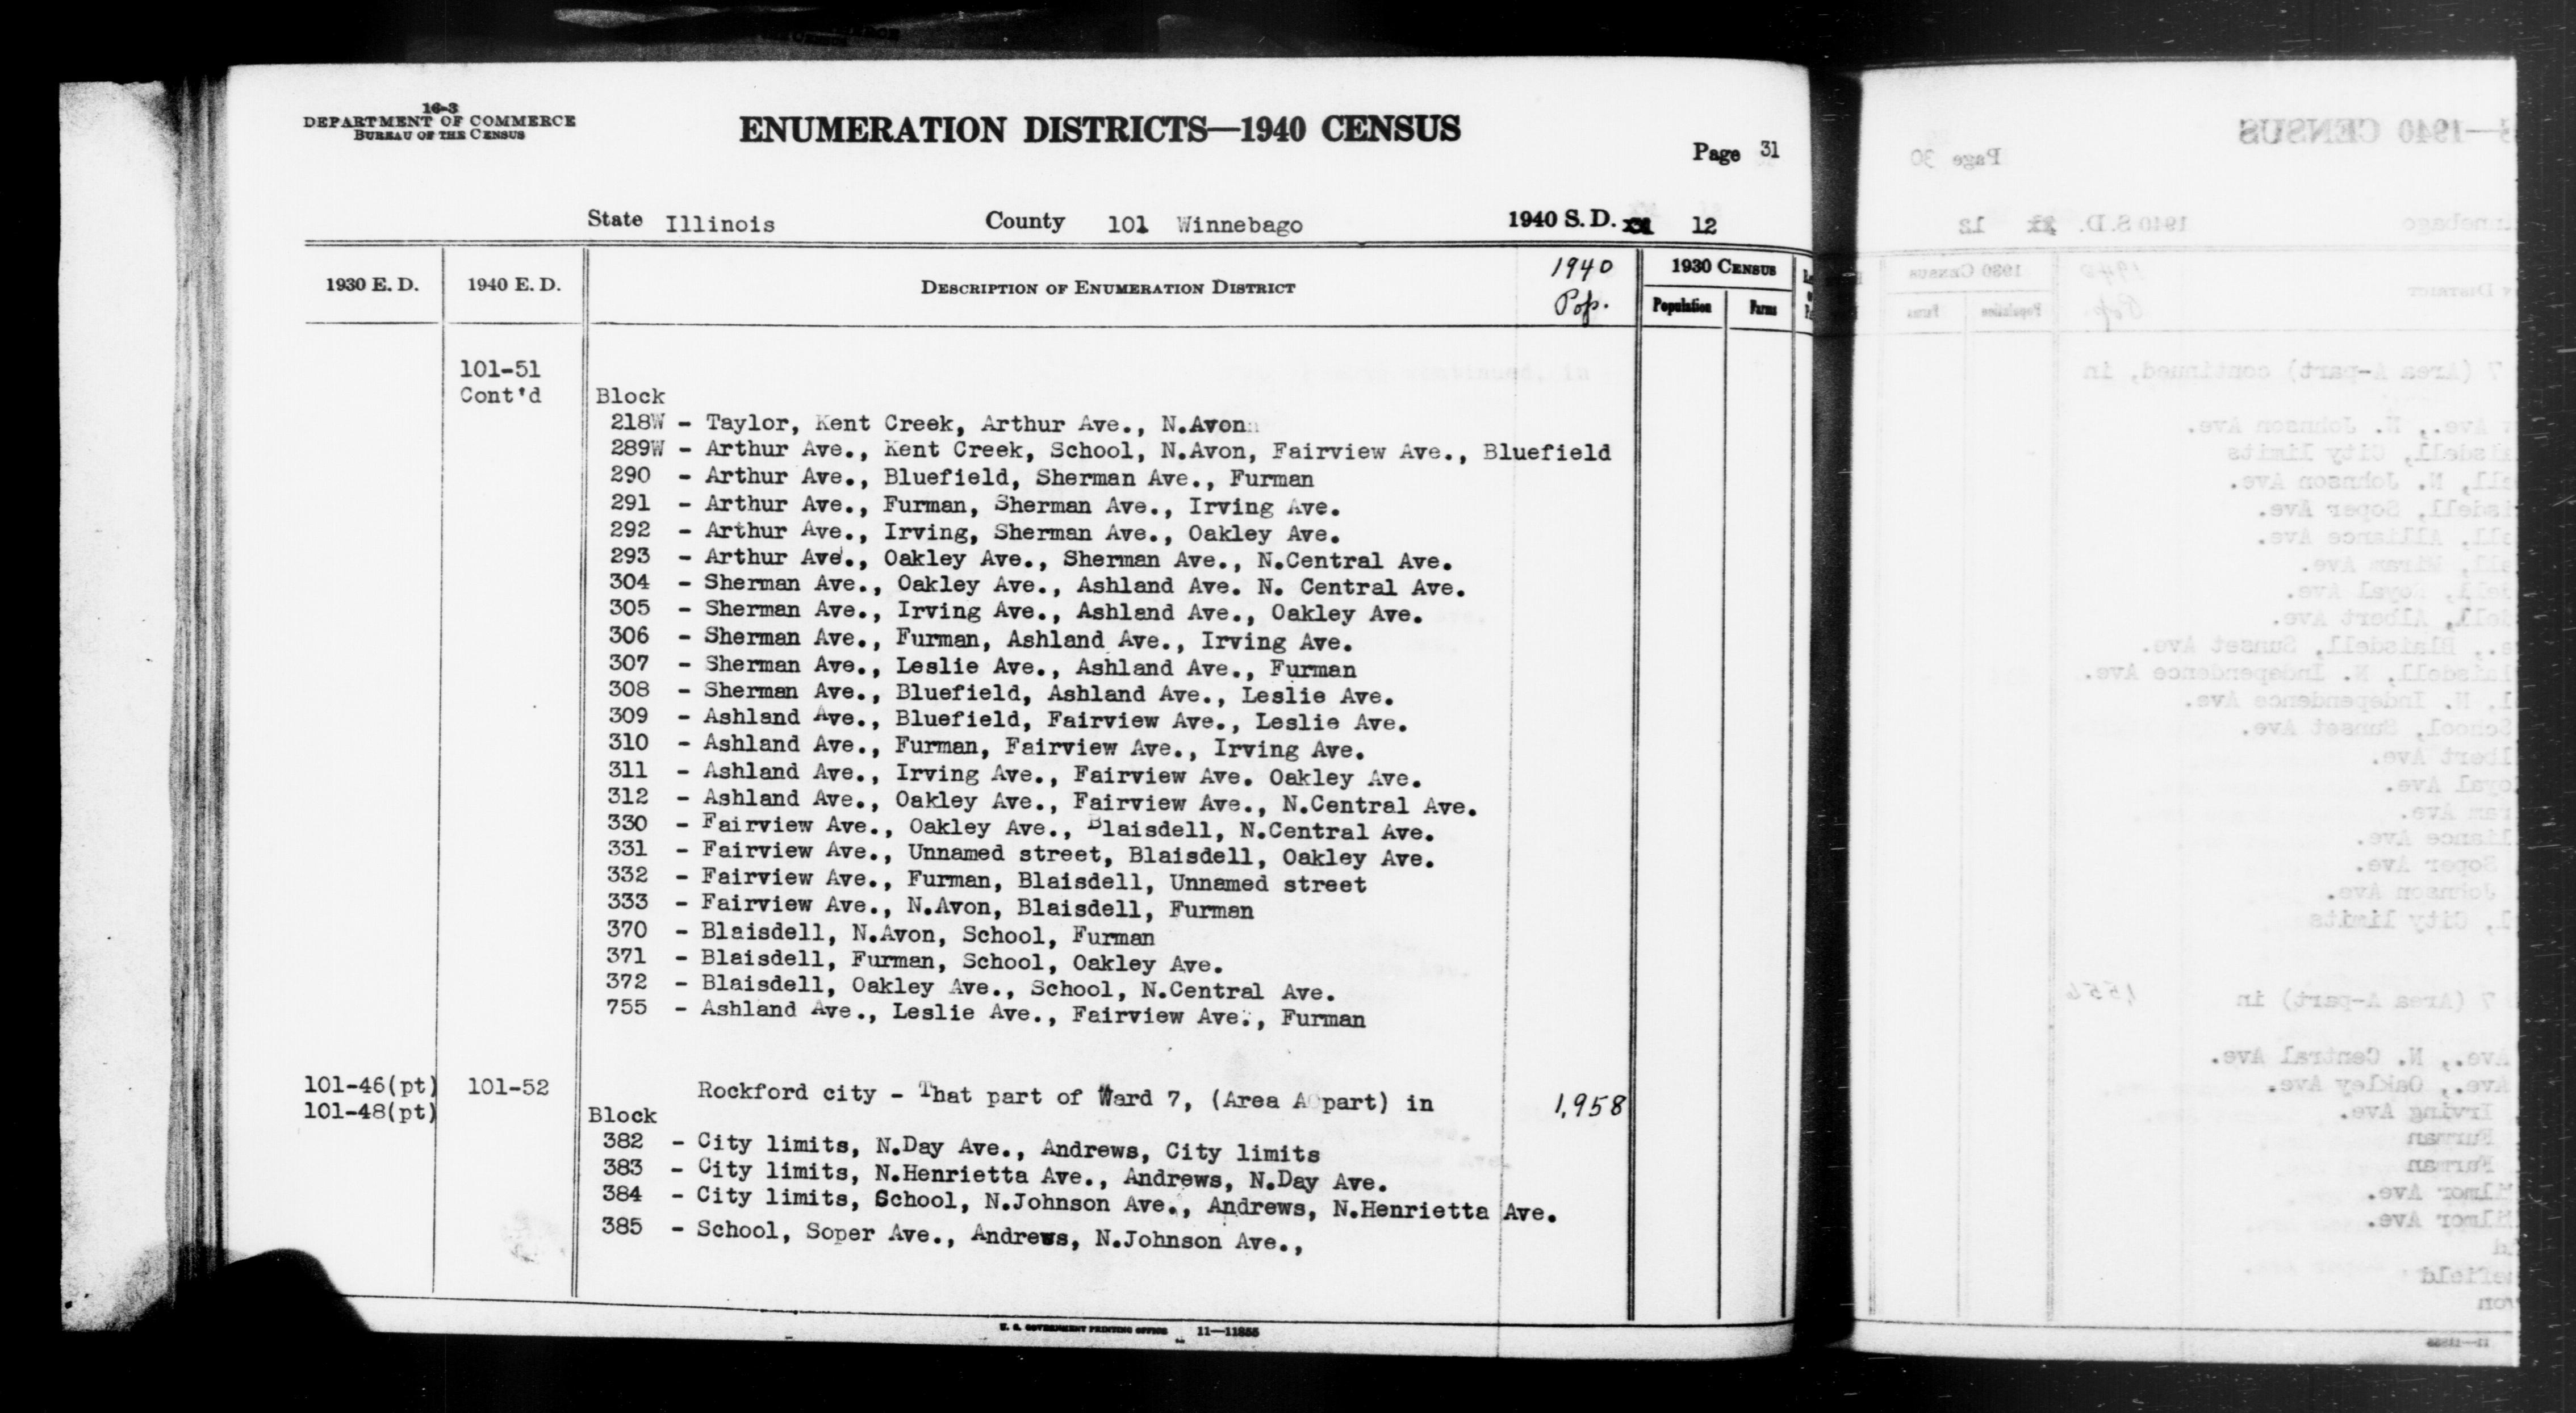 1940 Census Enumeration District Descriptions - Illinois - Winnebago County - ED 101-51, ED 101-52